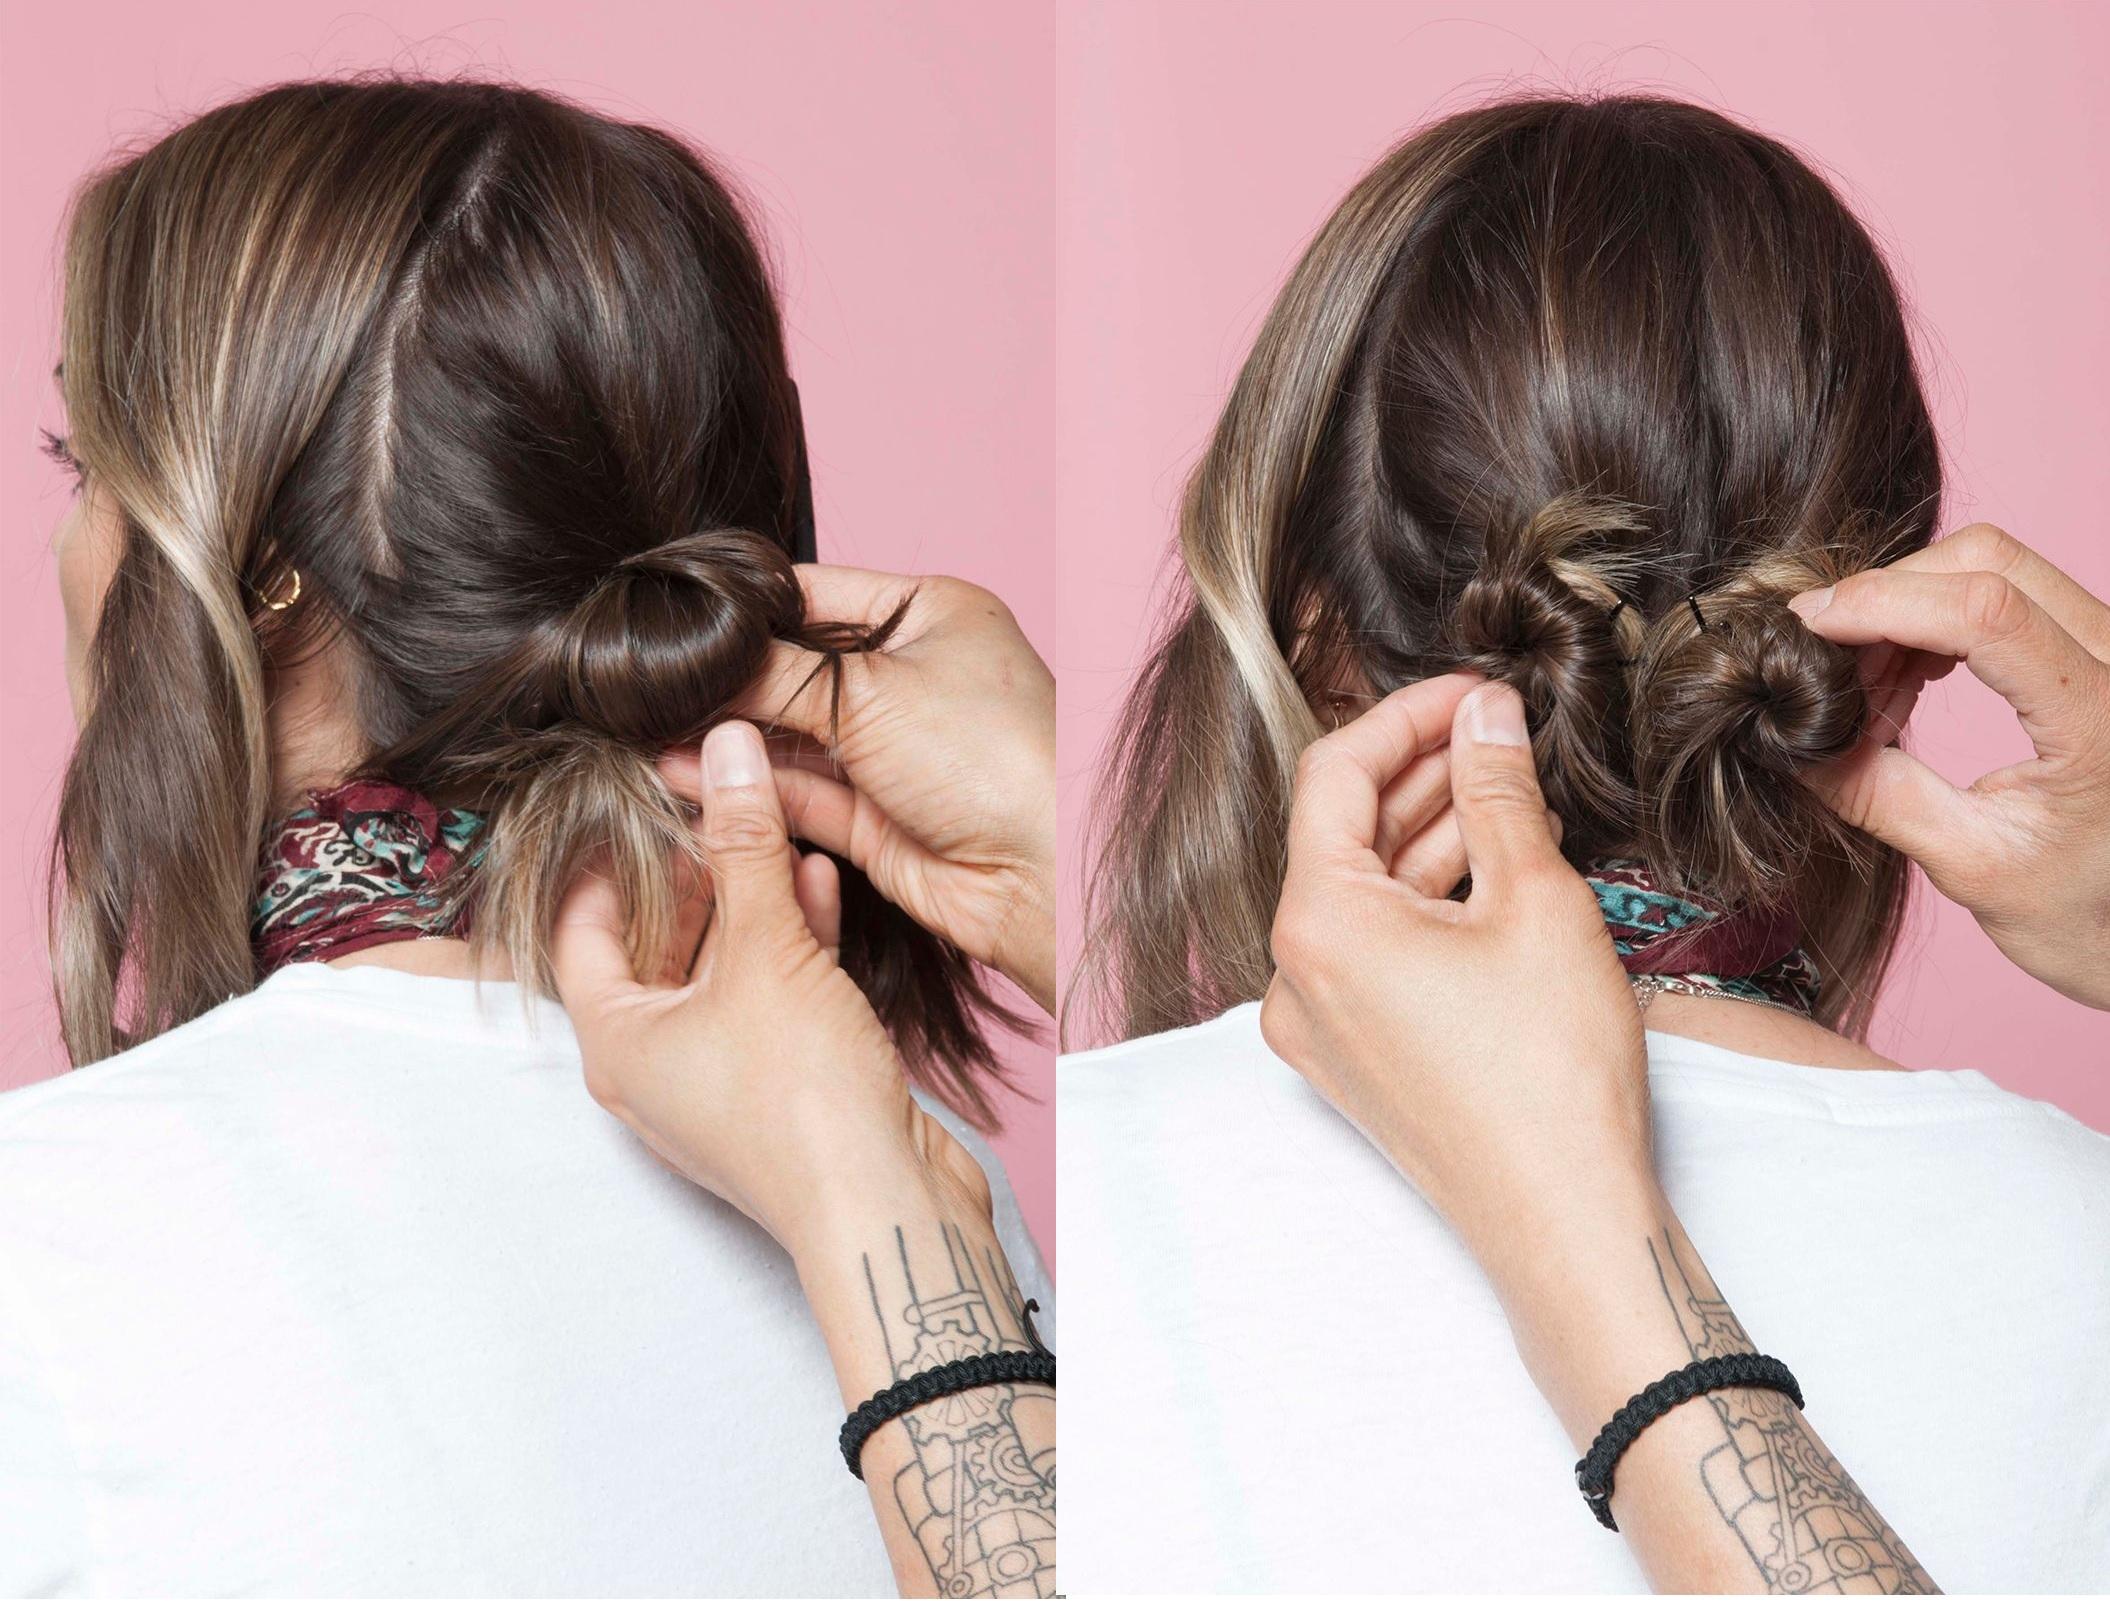 d couvrez les 3 meilleures fa on pour coiffer vos cheveux. Black Bedroom Furniture Sets. Home Design Ideas